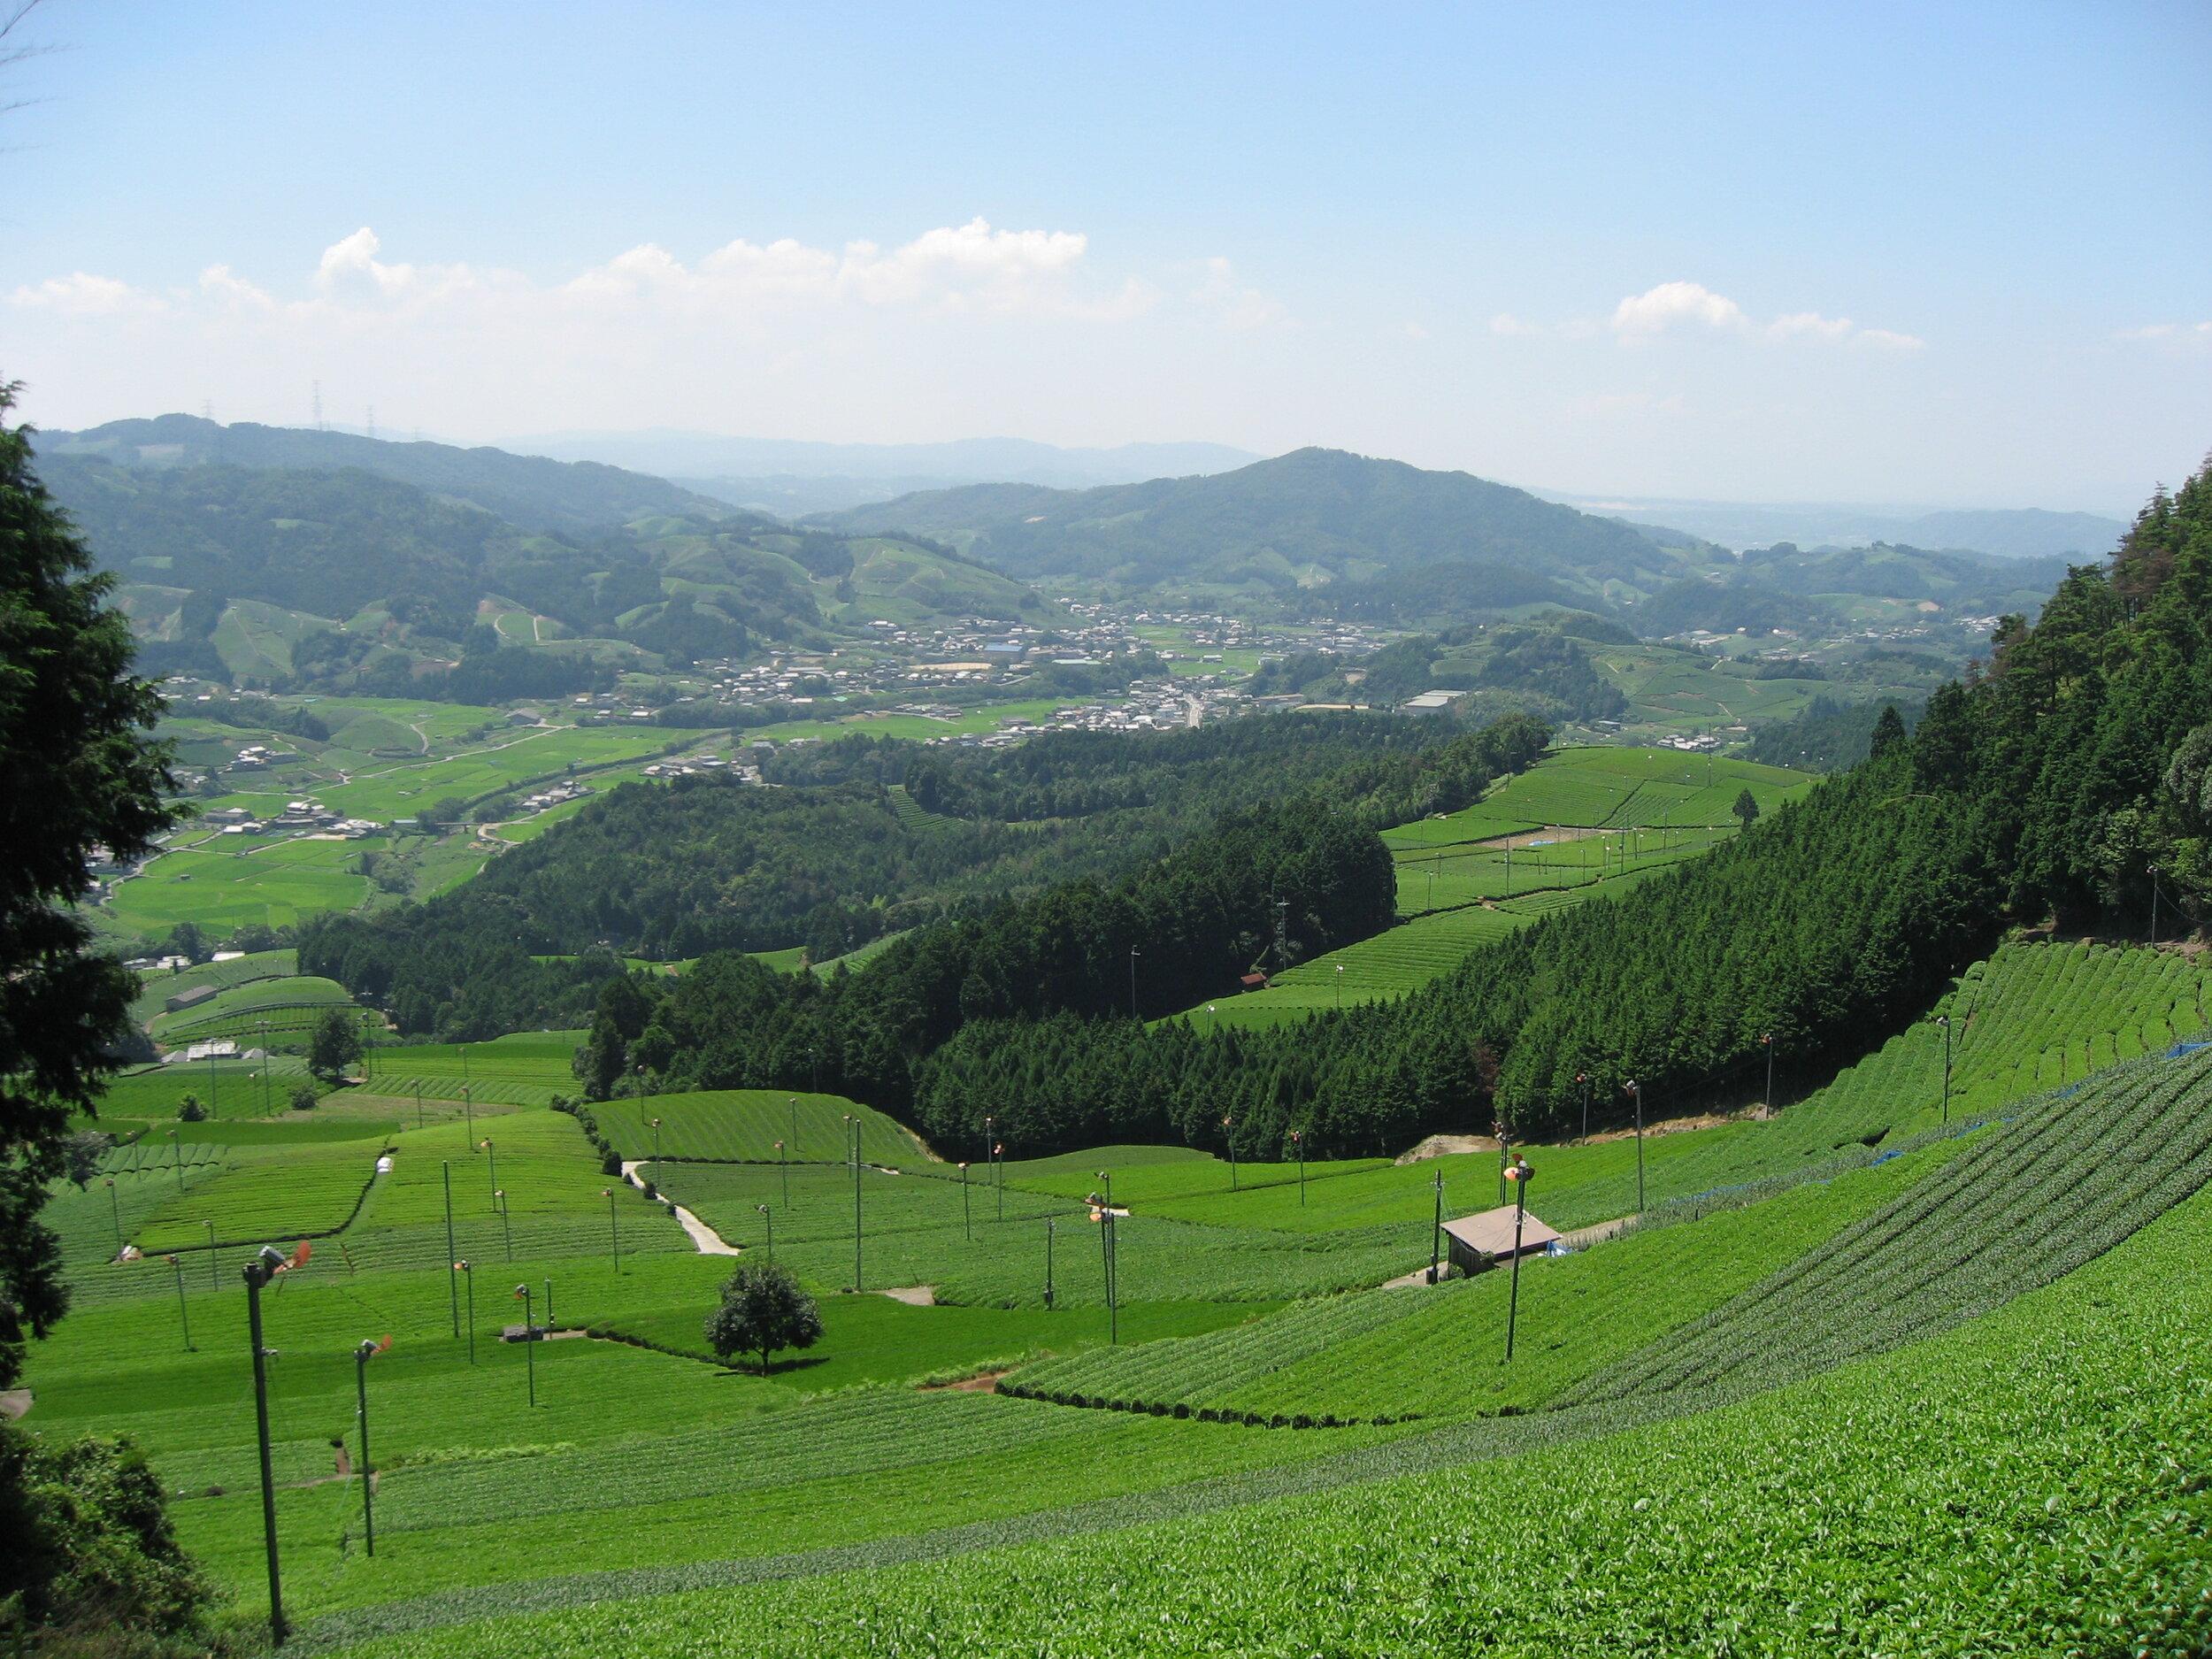 Hojicha fields in Wazuka where we source our Uji tea